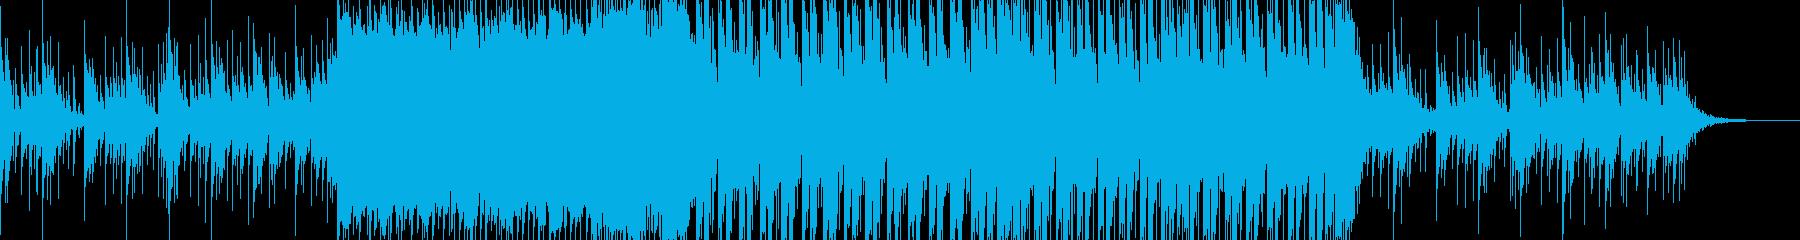 ベルサウンドの透明感のあるエレクトロの再生済みの波形